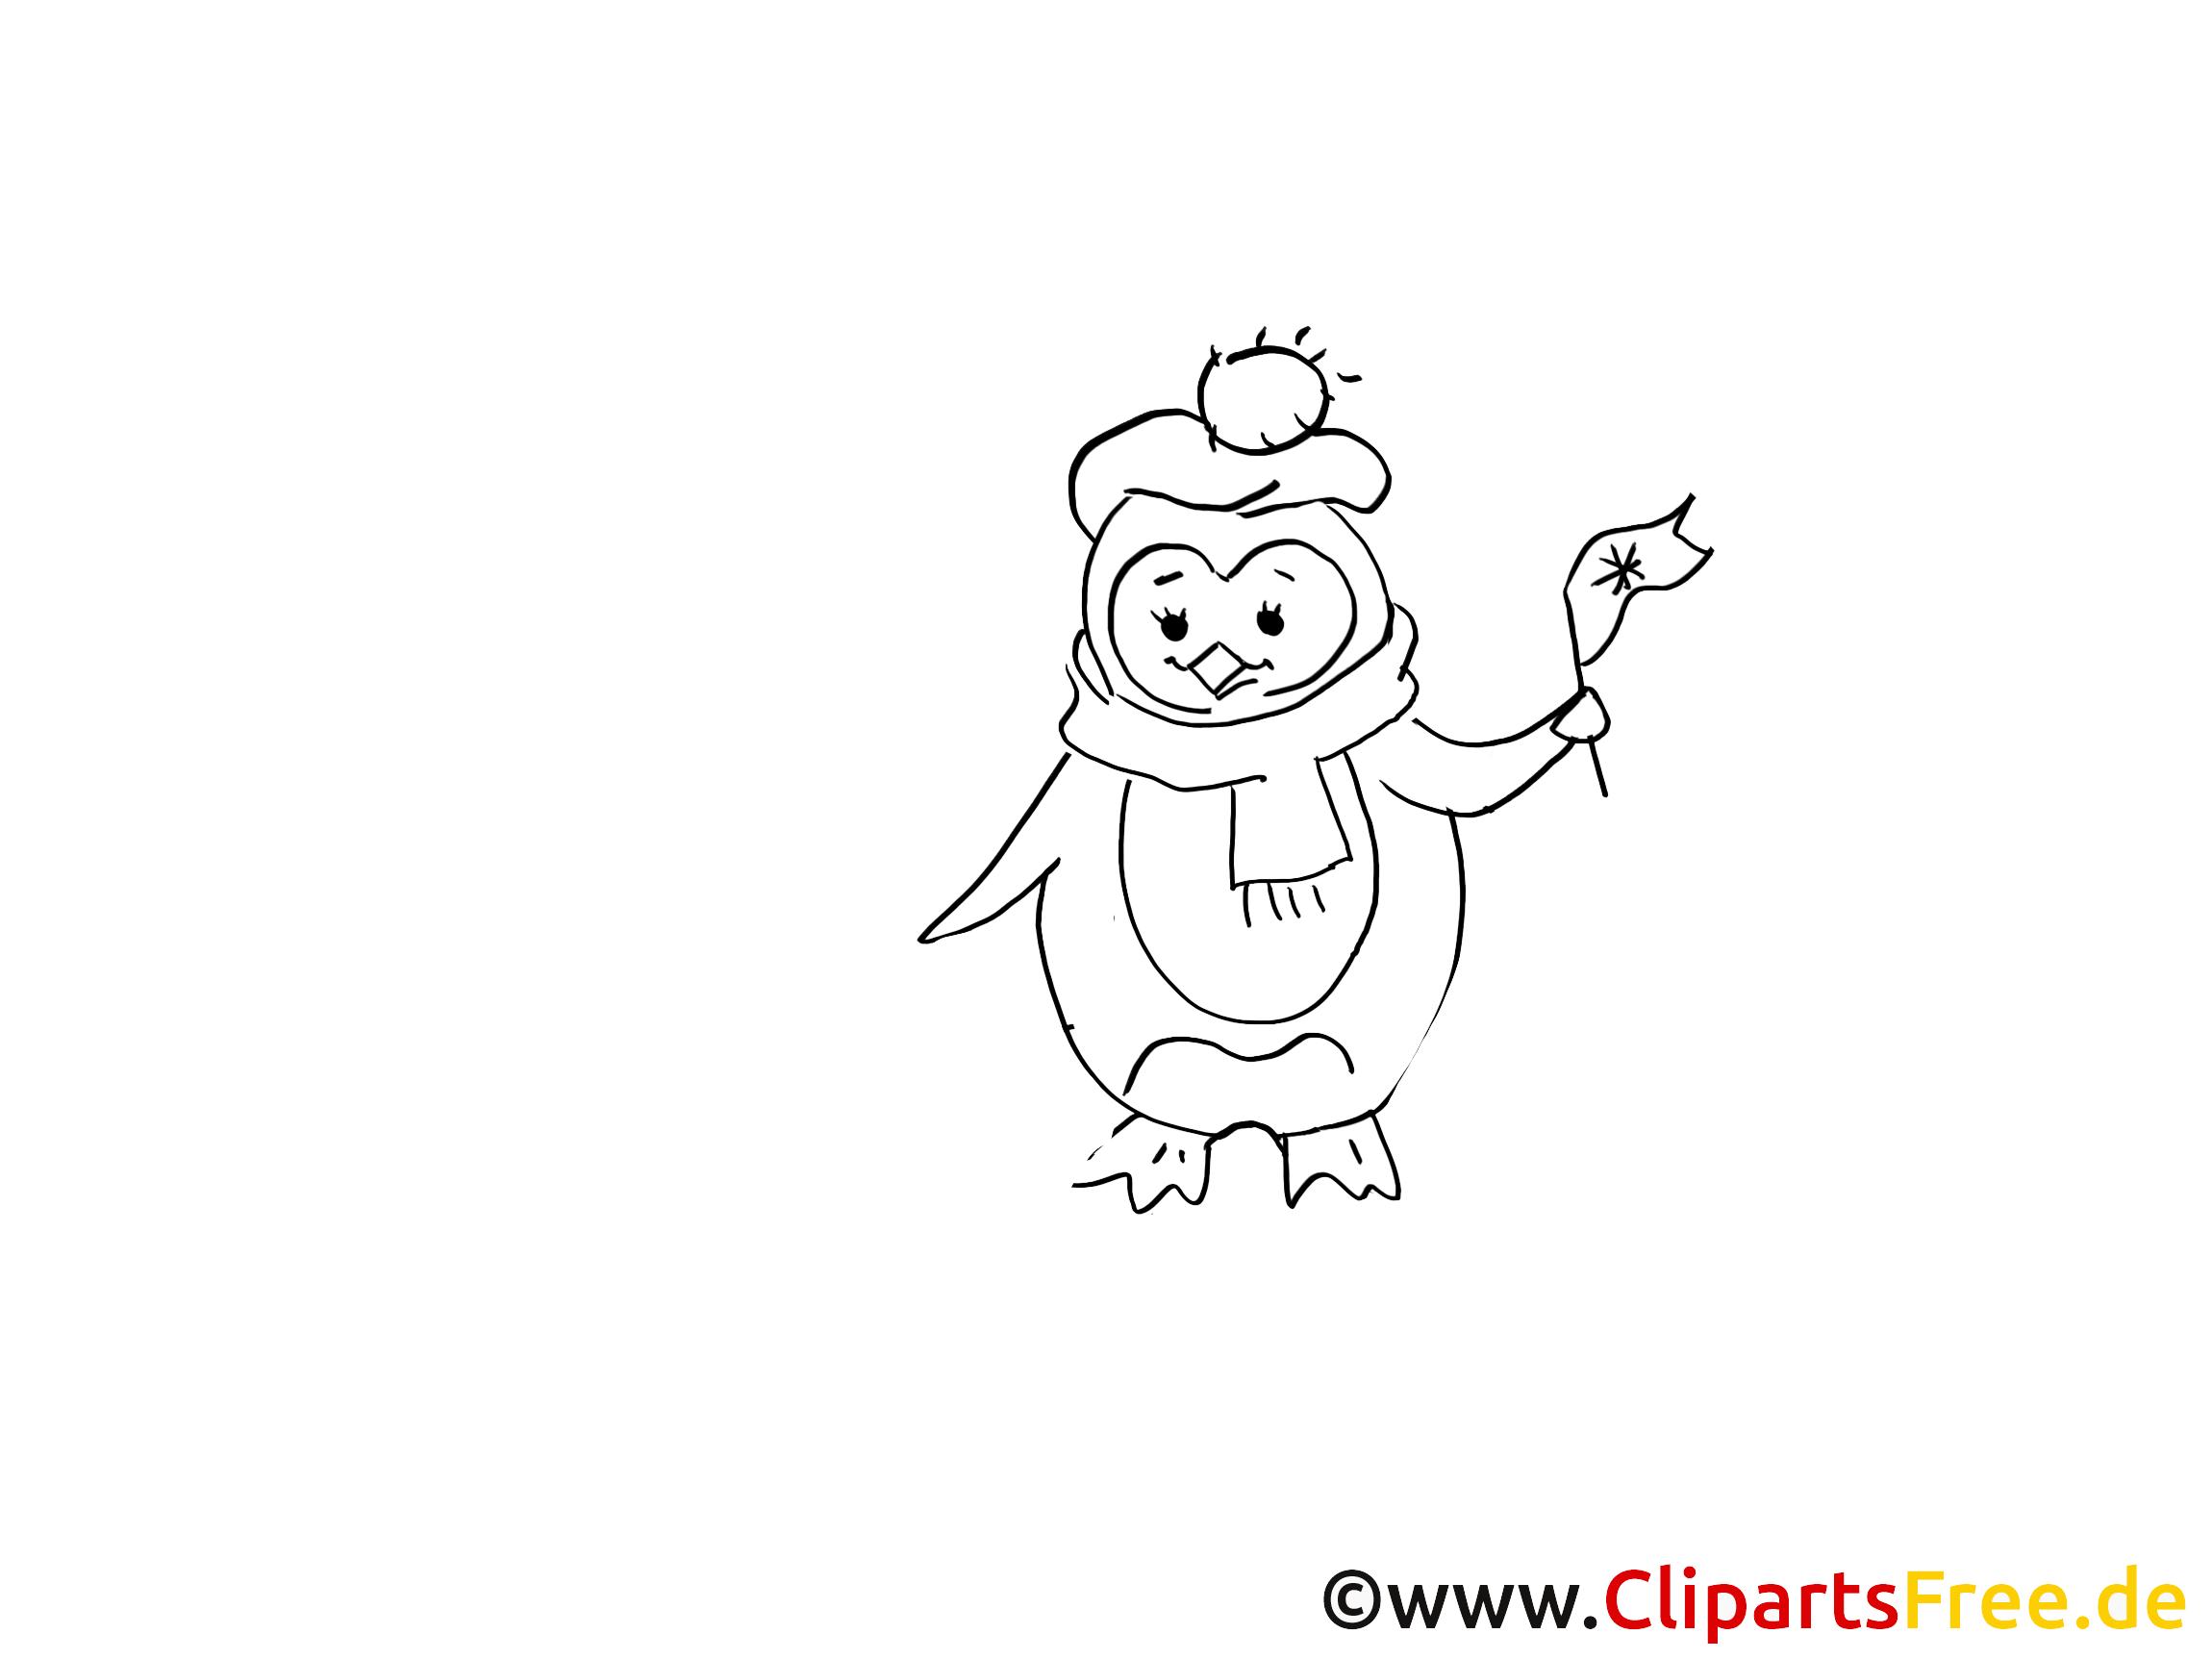 Glücklicher Pinguin Ausmalbilder gratis für Kinder